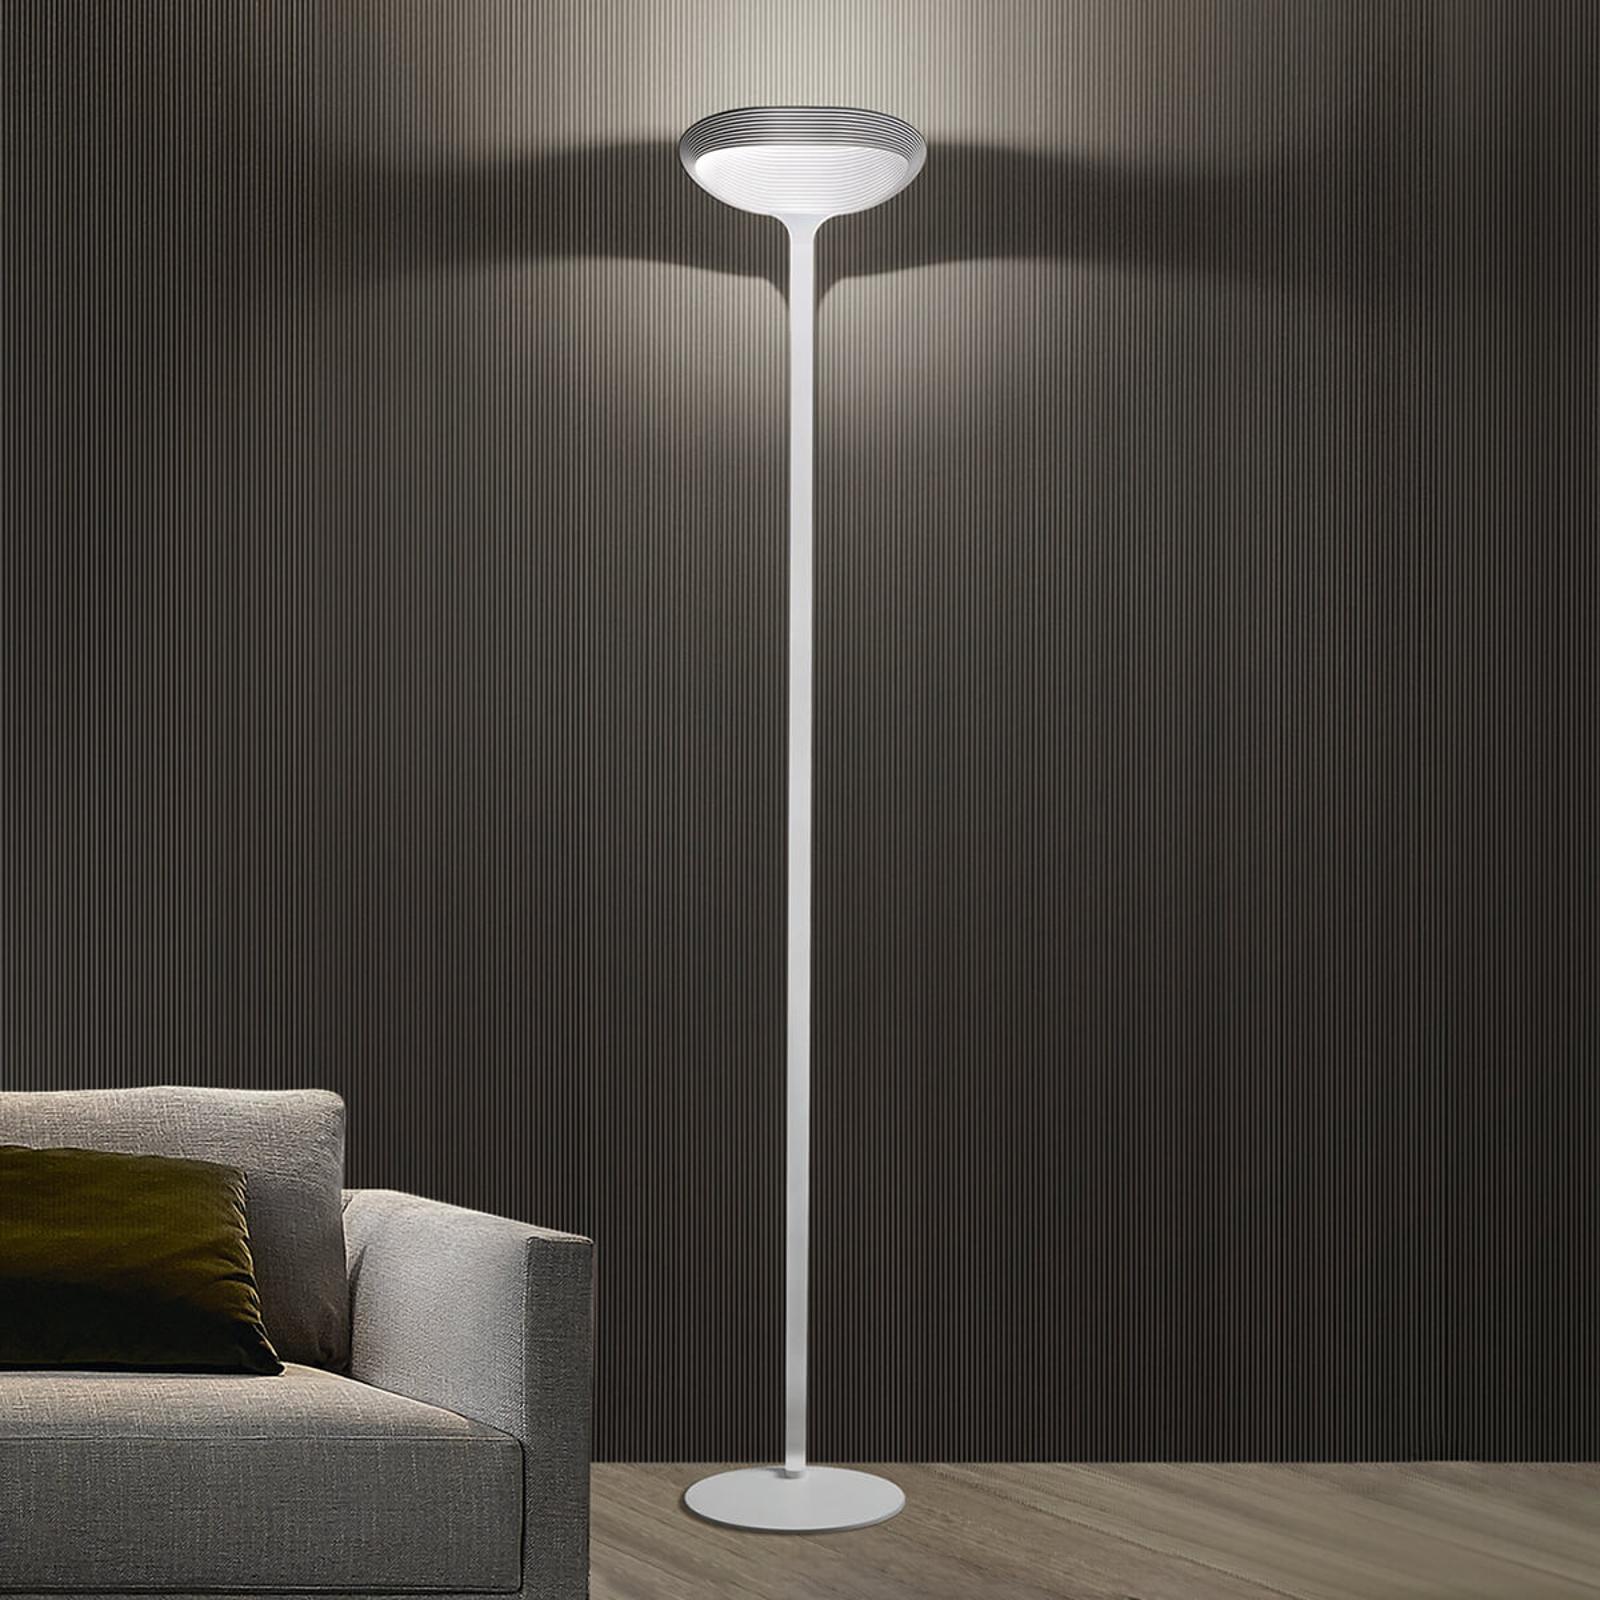 Lampa stojąca Sestessa Terra, ściemniacz nożny